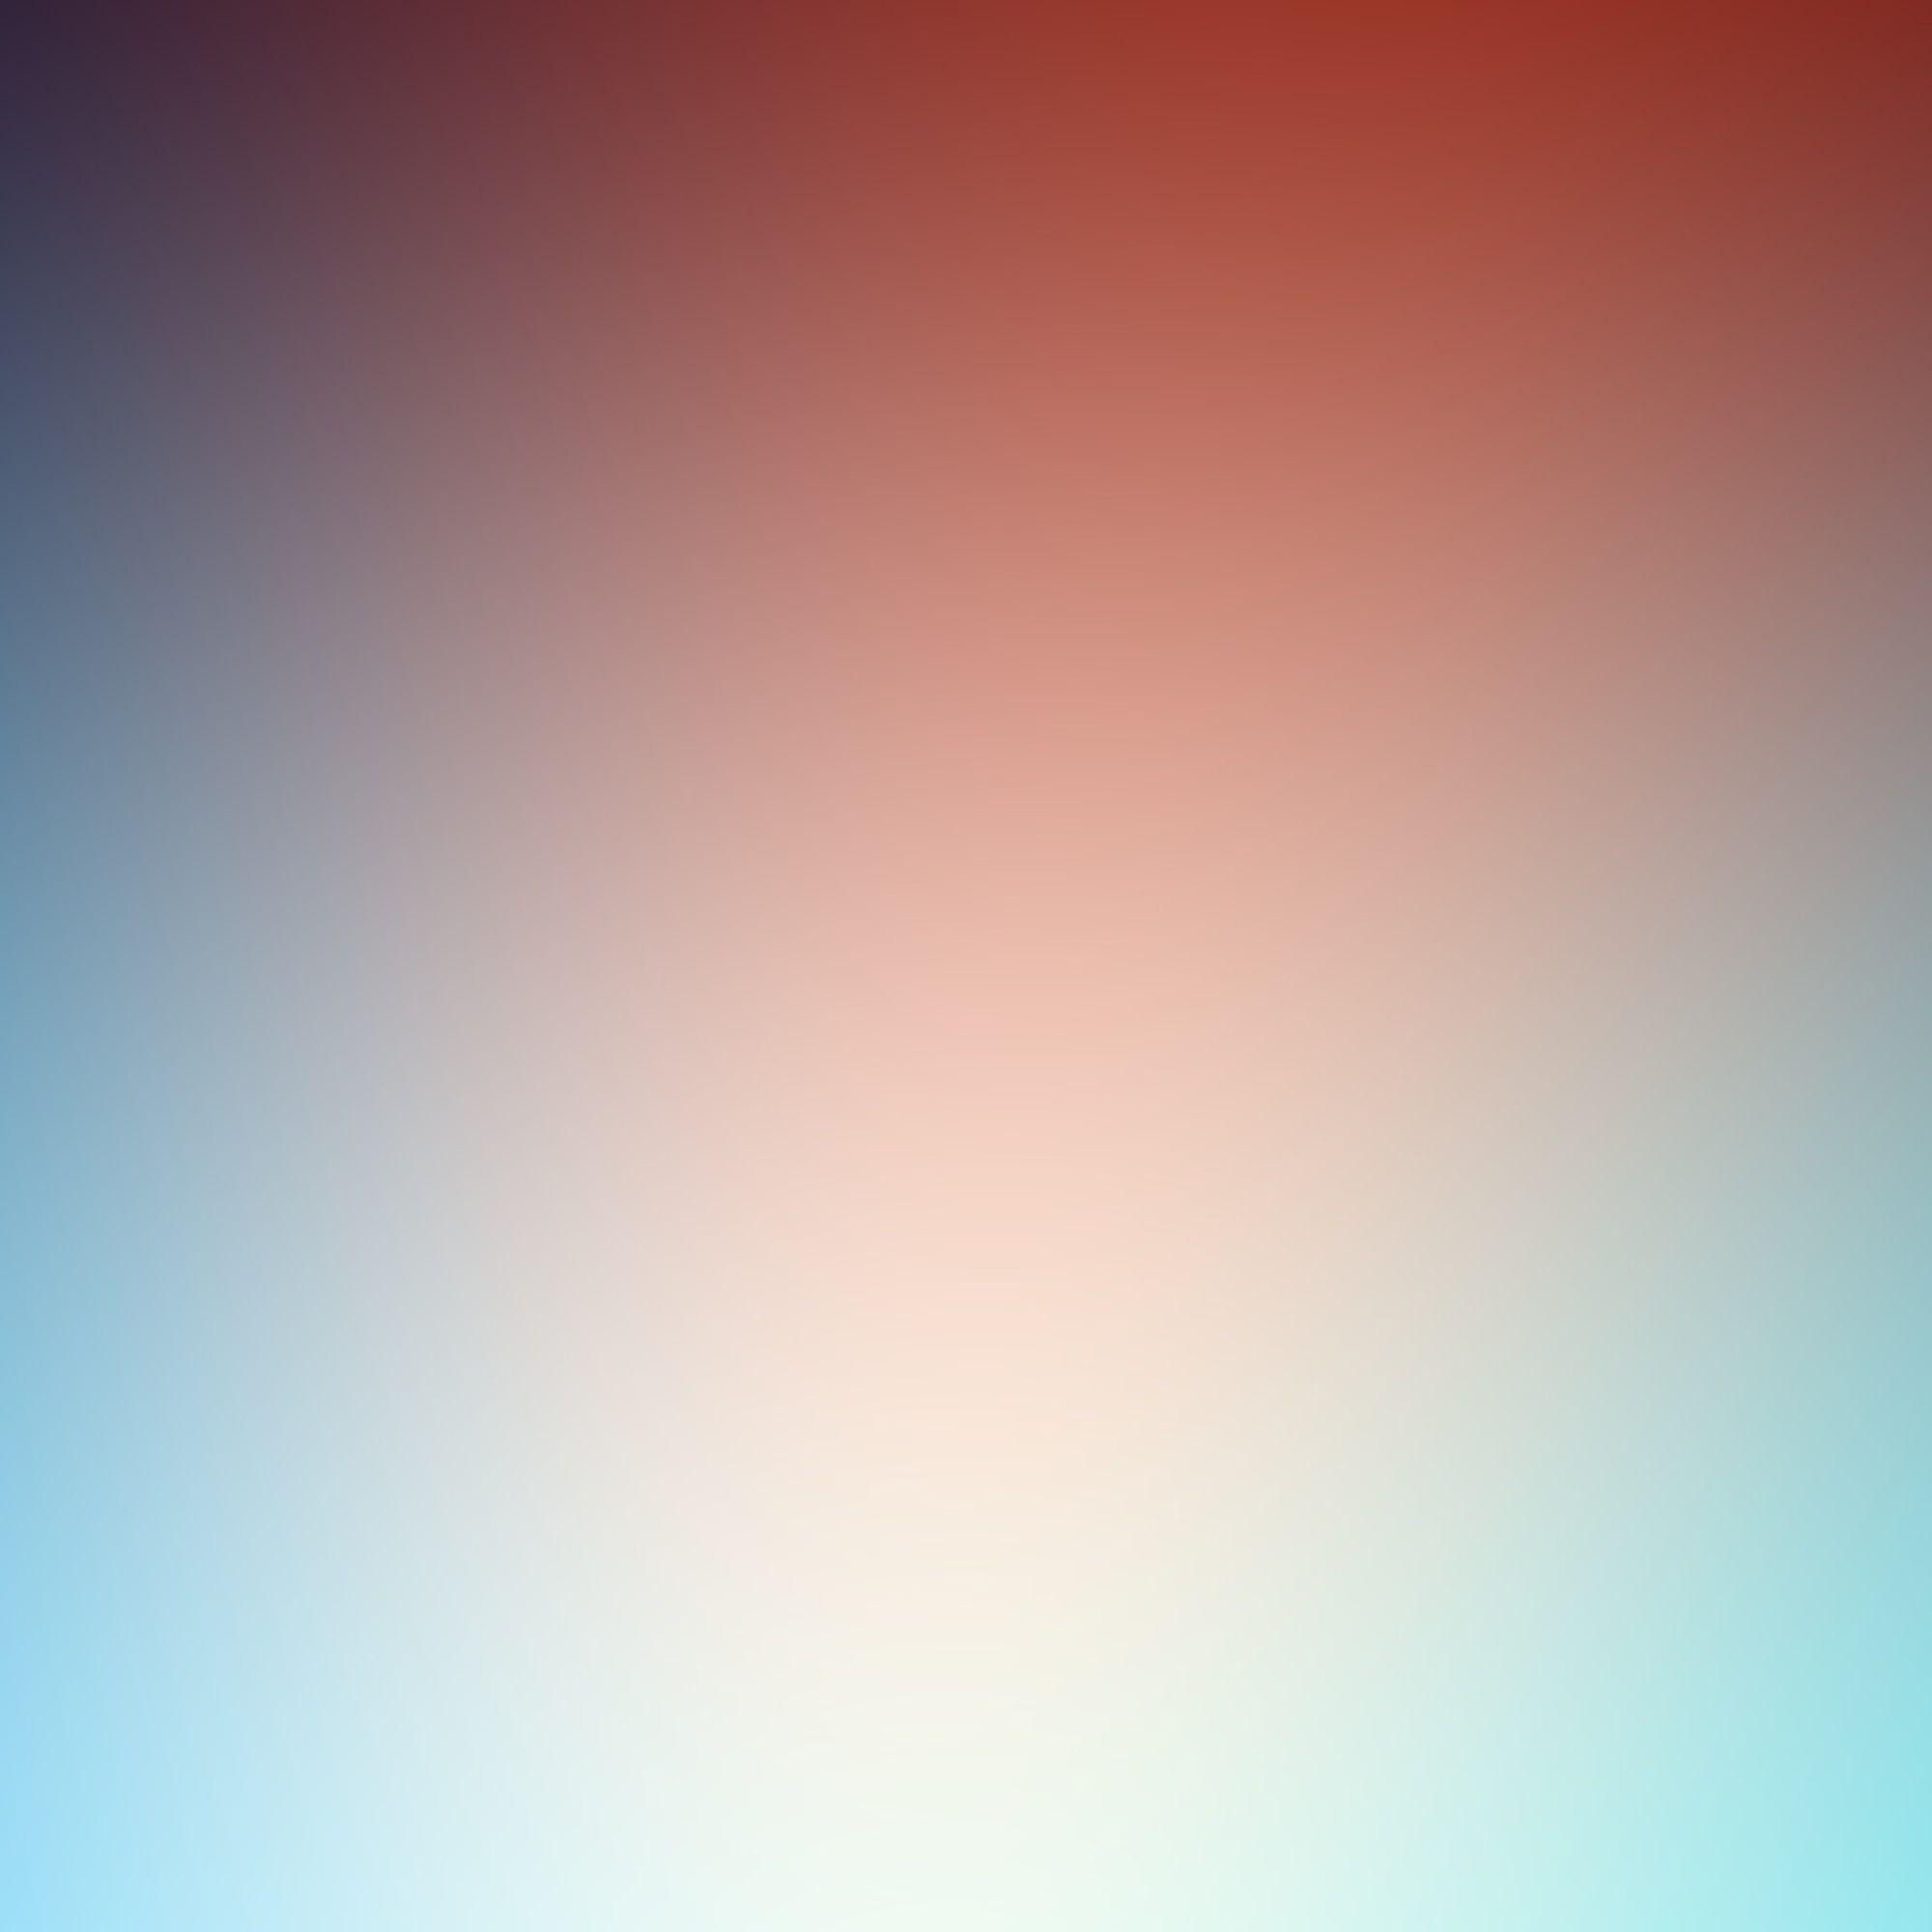 gradients_11.jpg